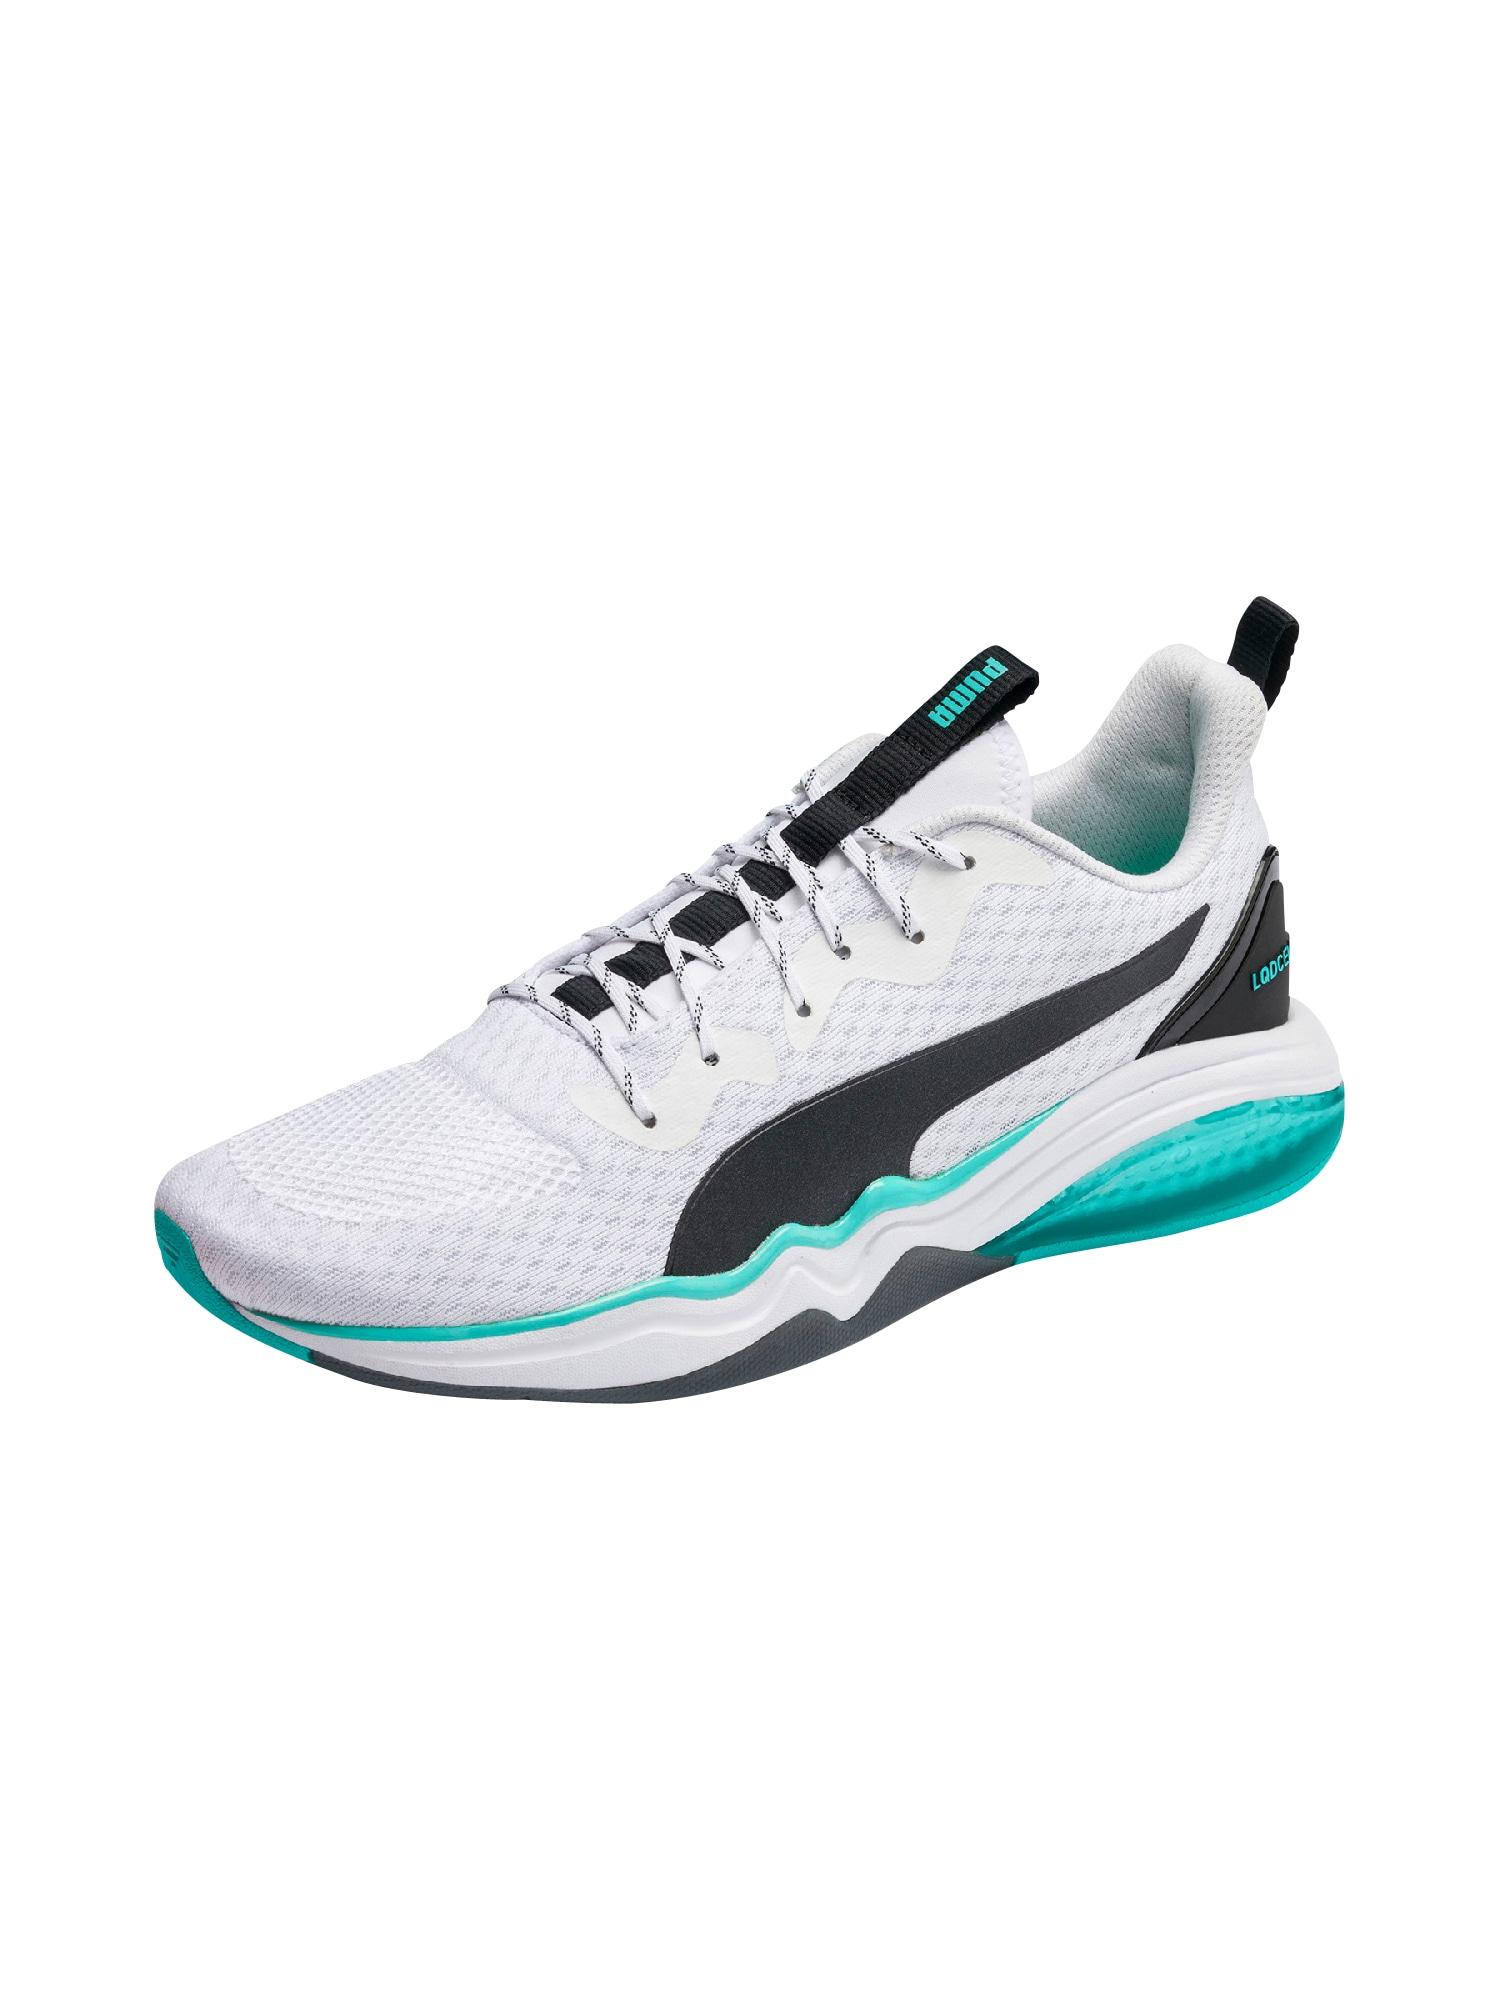 Sportovní boty LQDCELL Tension tyrkysová černá bílá PUMA